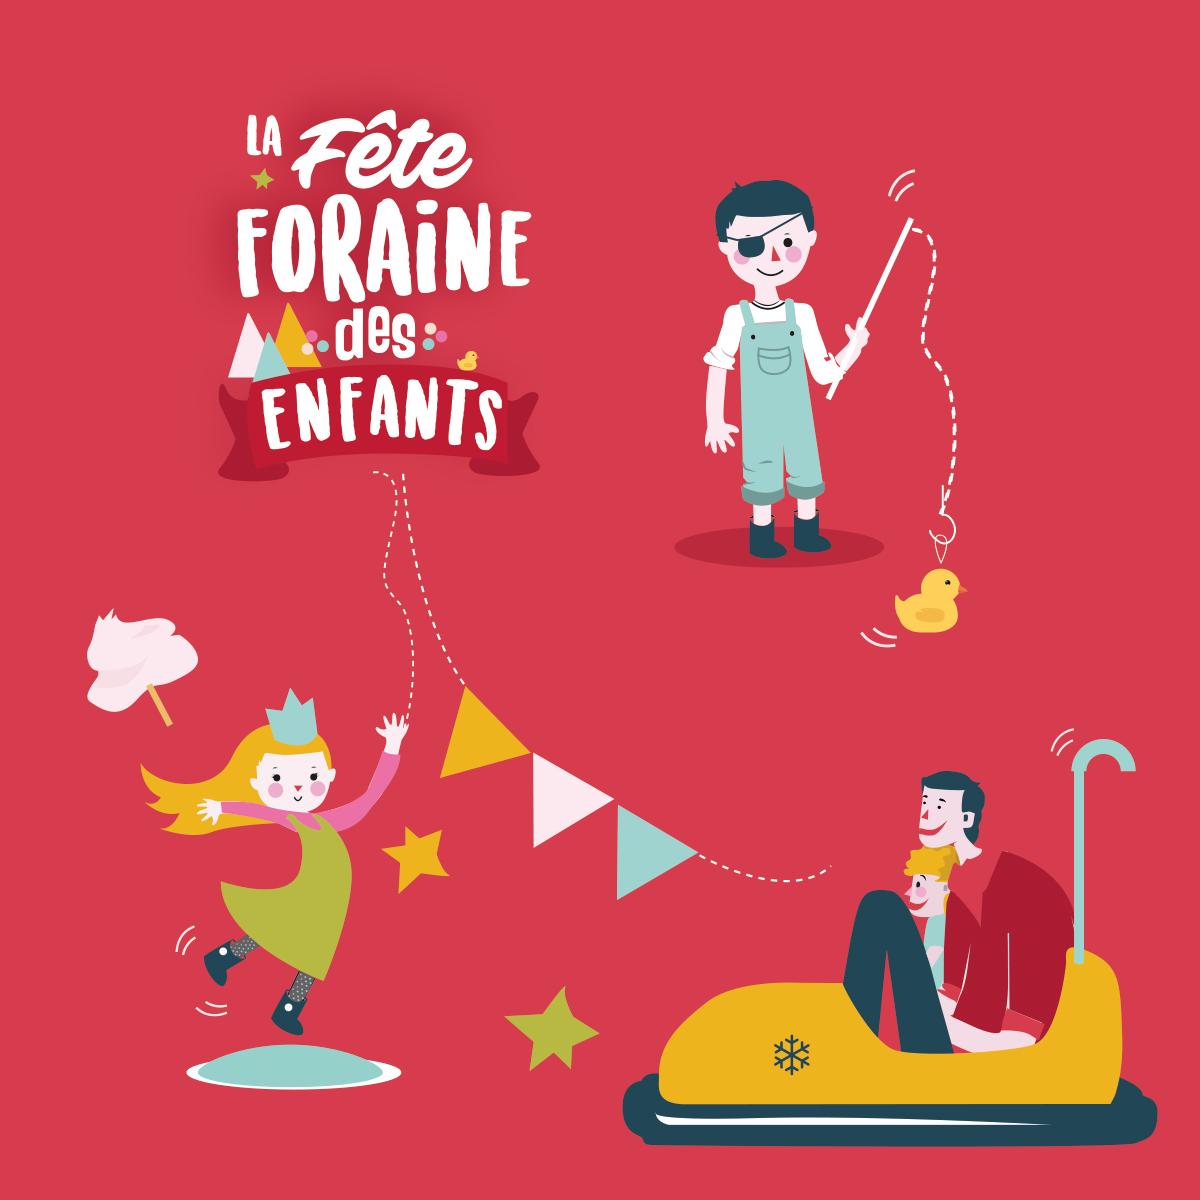 Enfants fête foraine occitanie